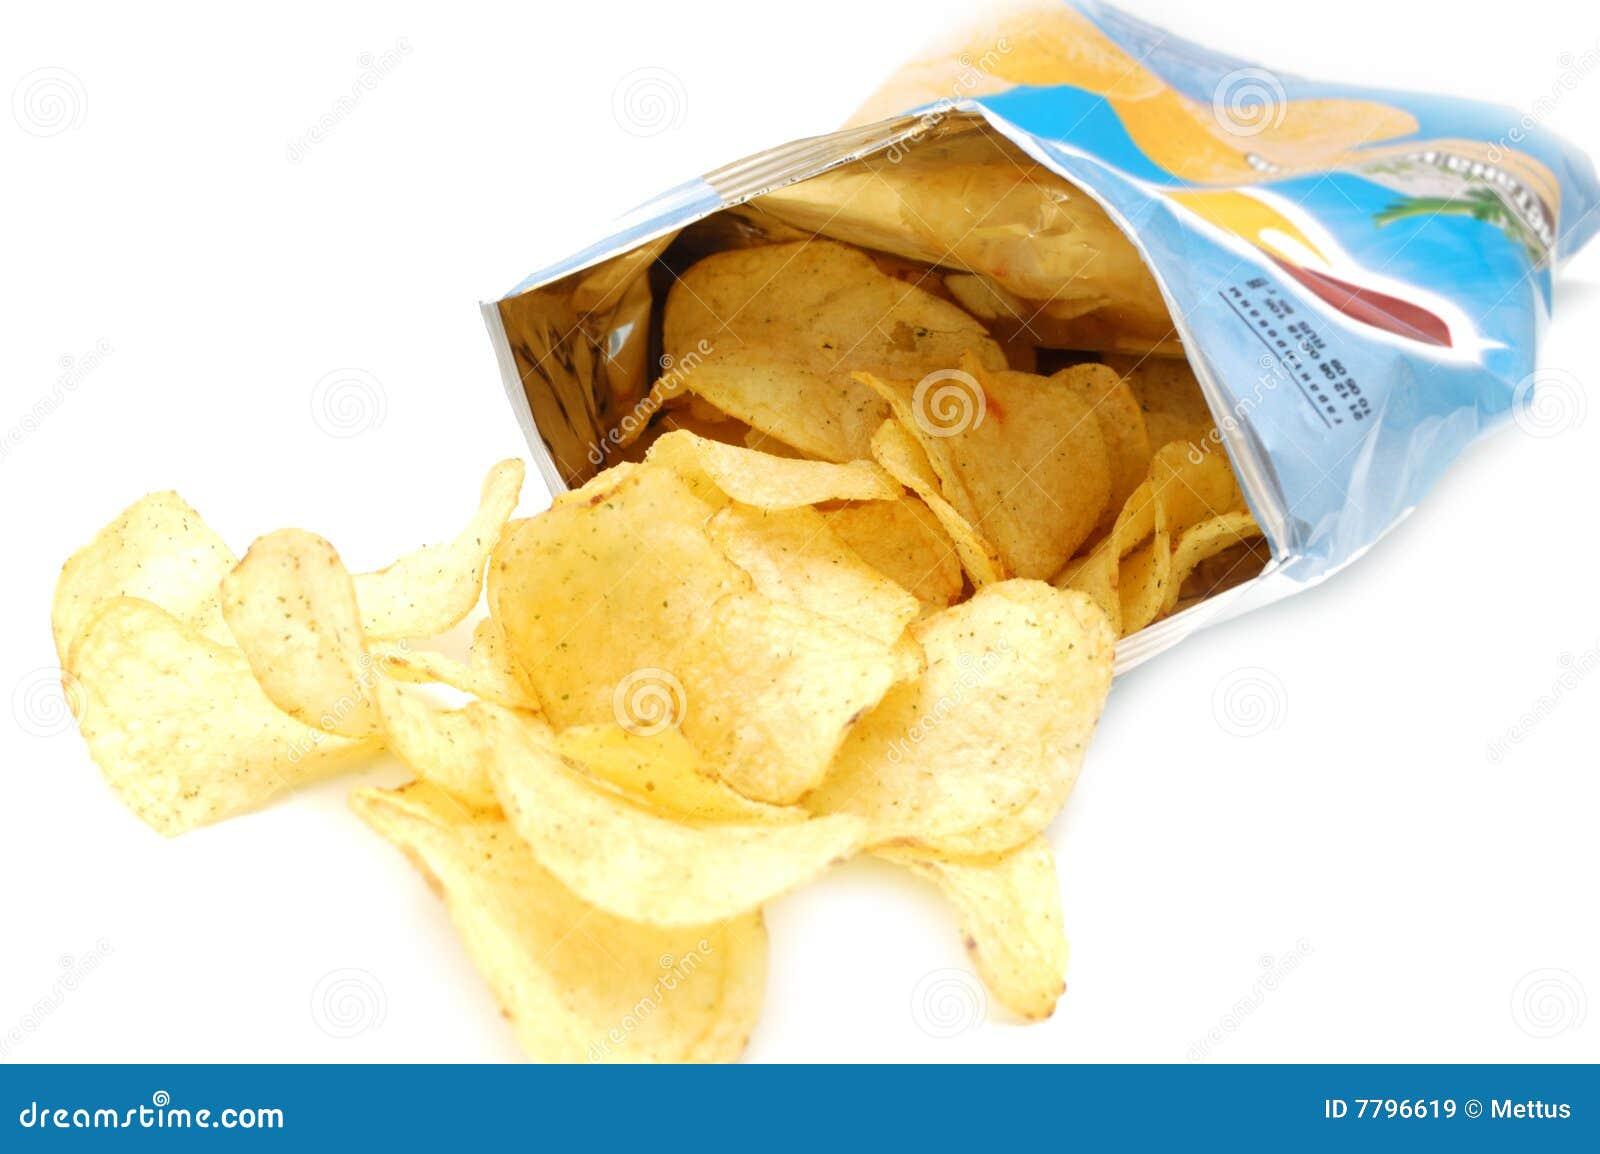 Patata frito adentro el paquete